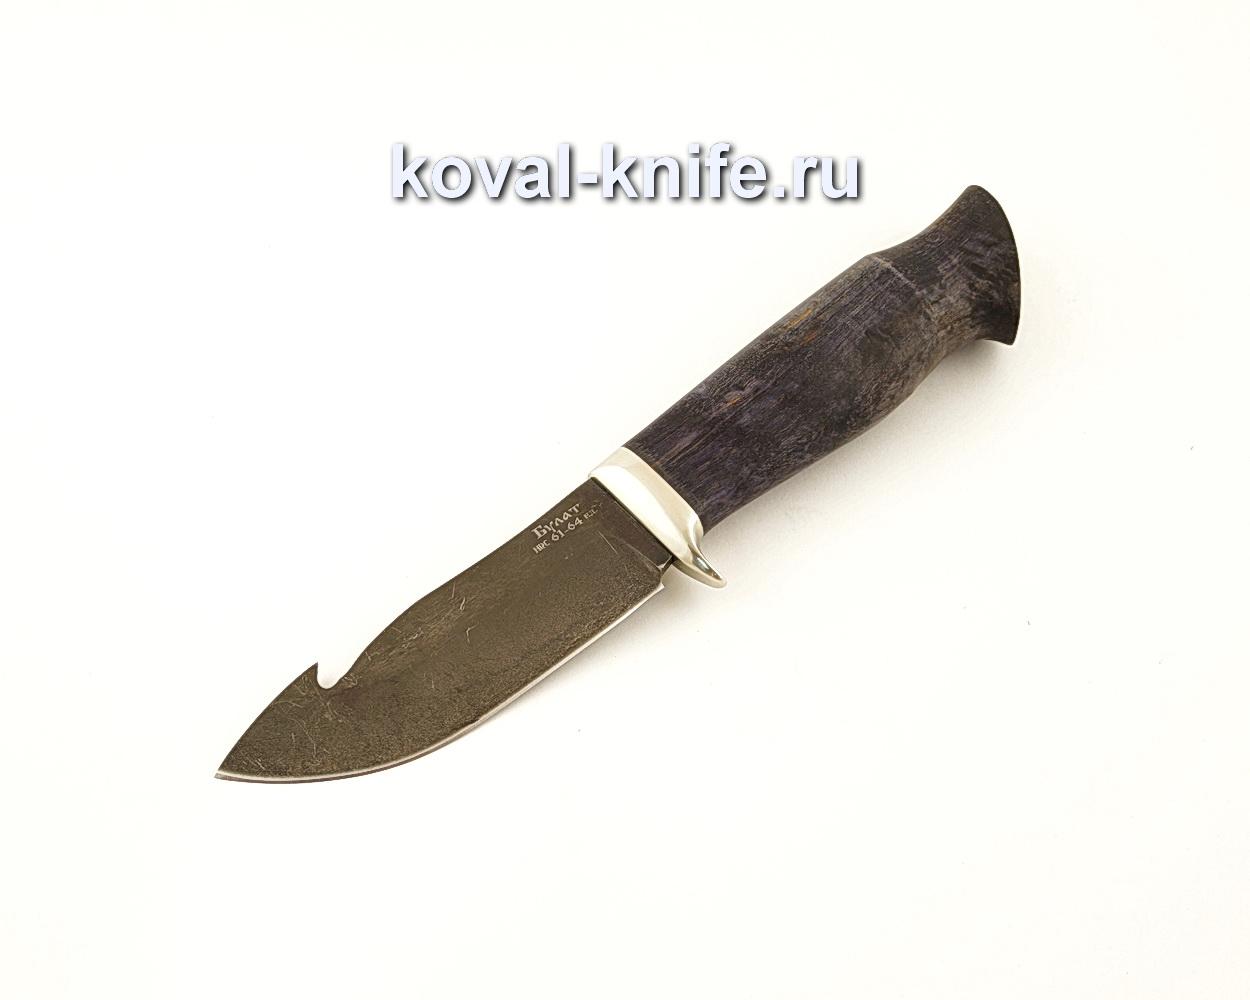 Нож Стропорез из булатной стали с рукоятью из стабилизированной карельской березы  A629